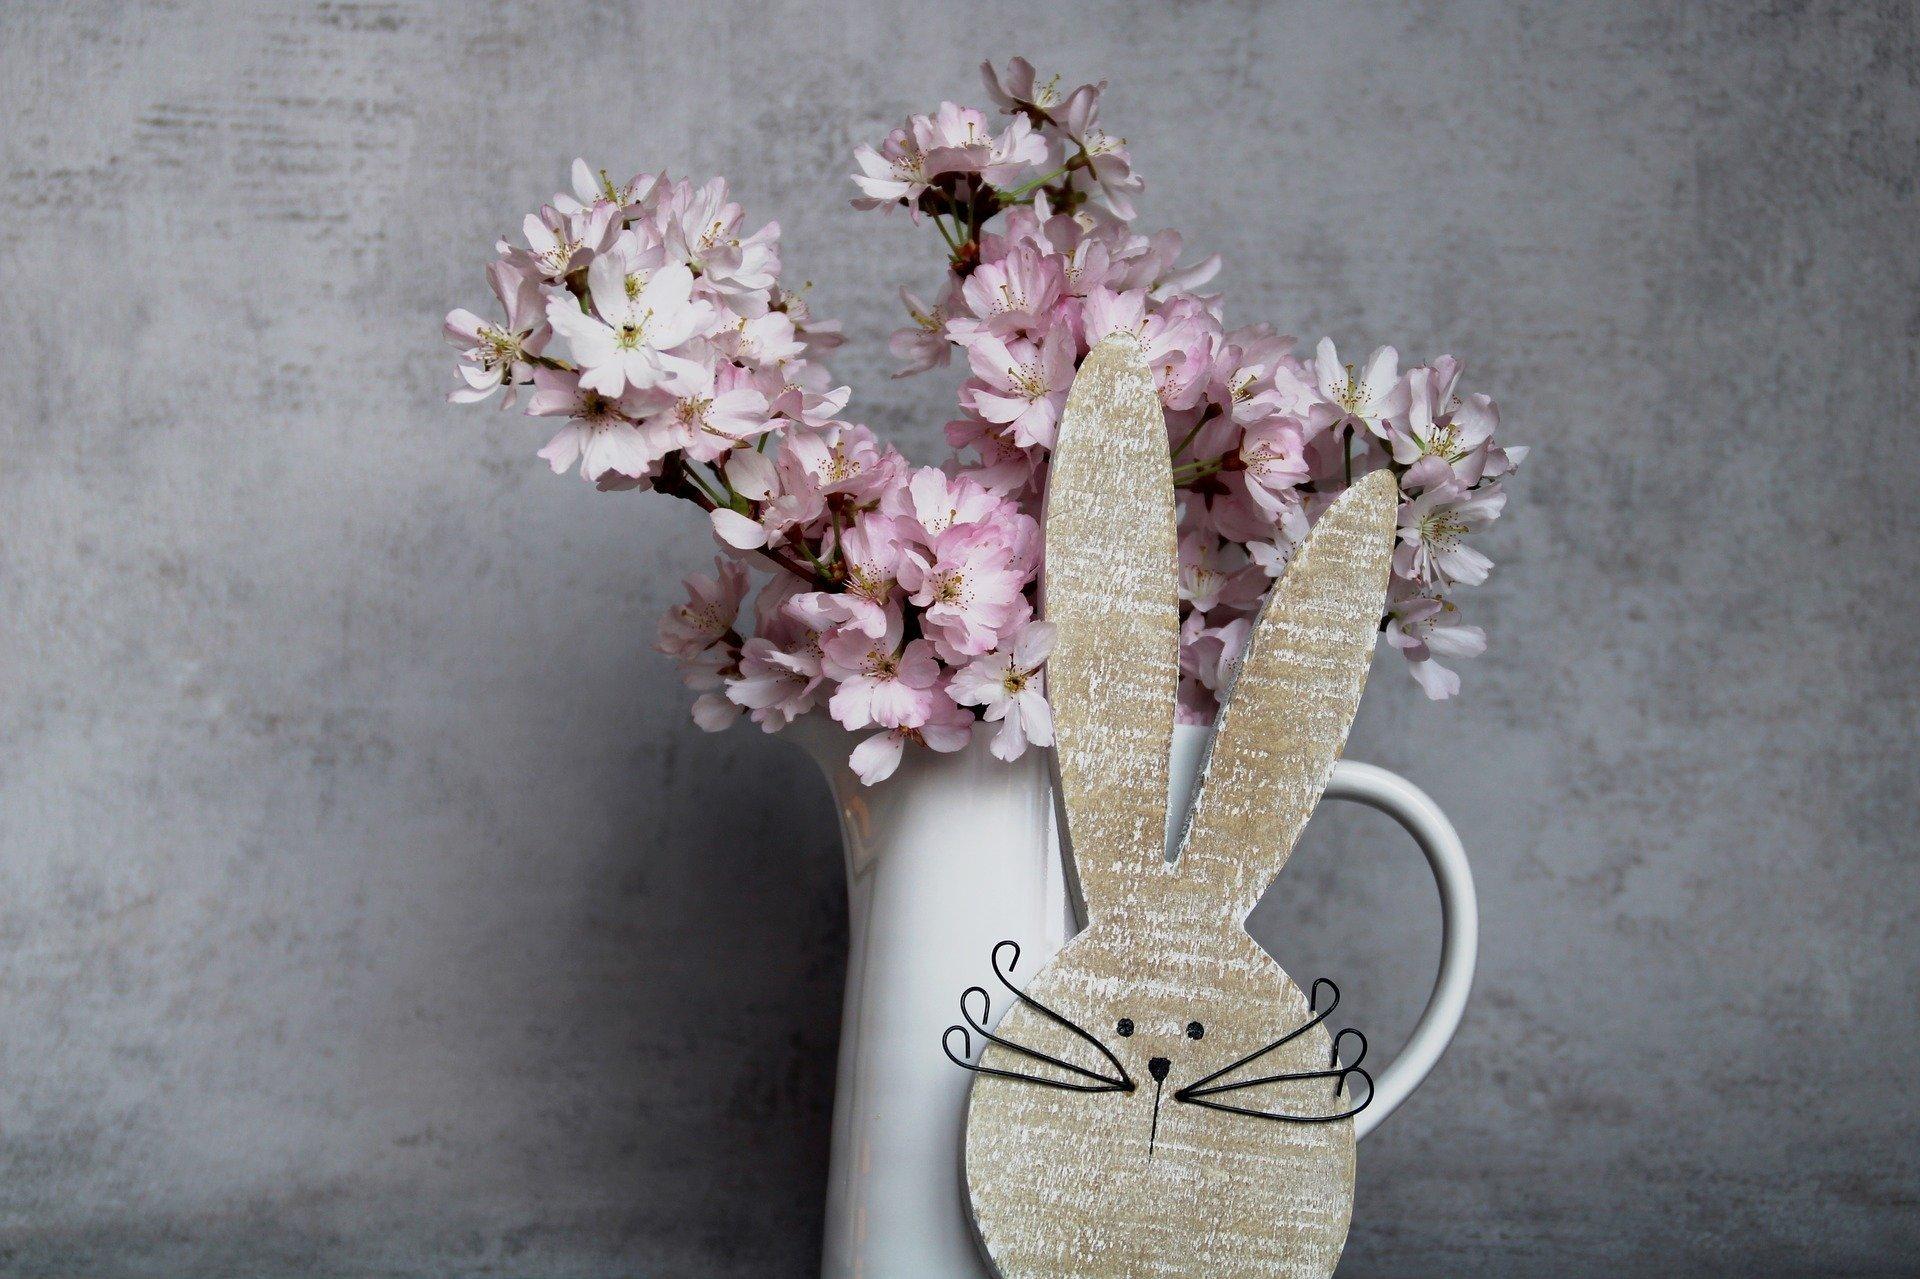 Krótkie życzenia wielkanocne dla dzieci, piosenki i wiersze na Wielkanoc